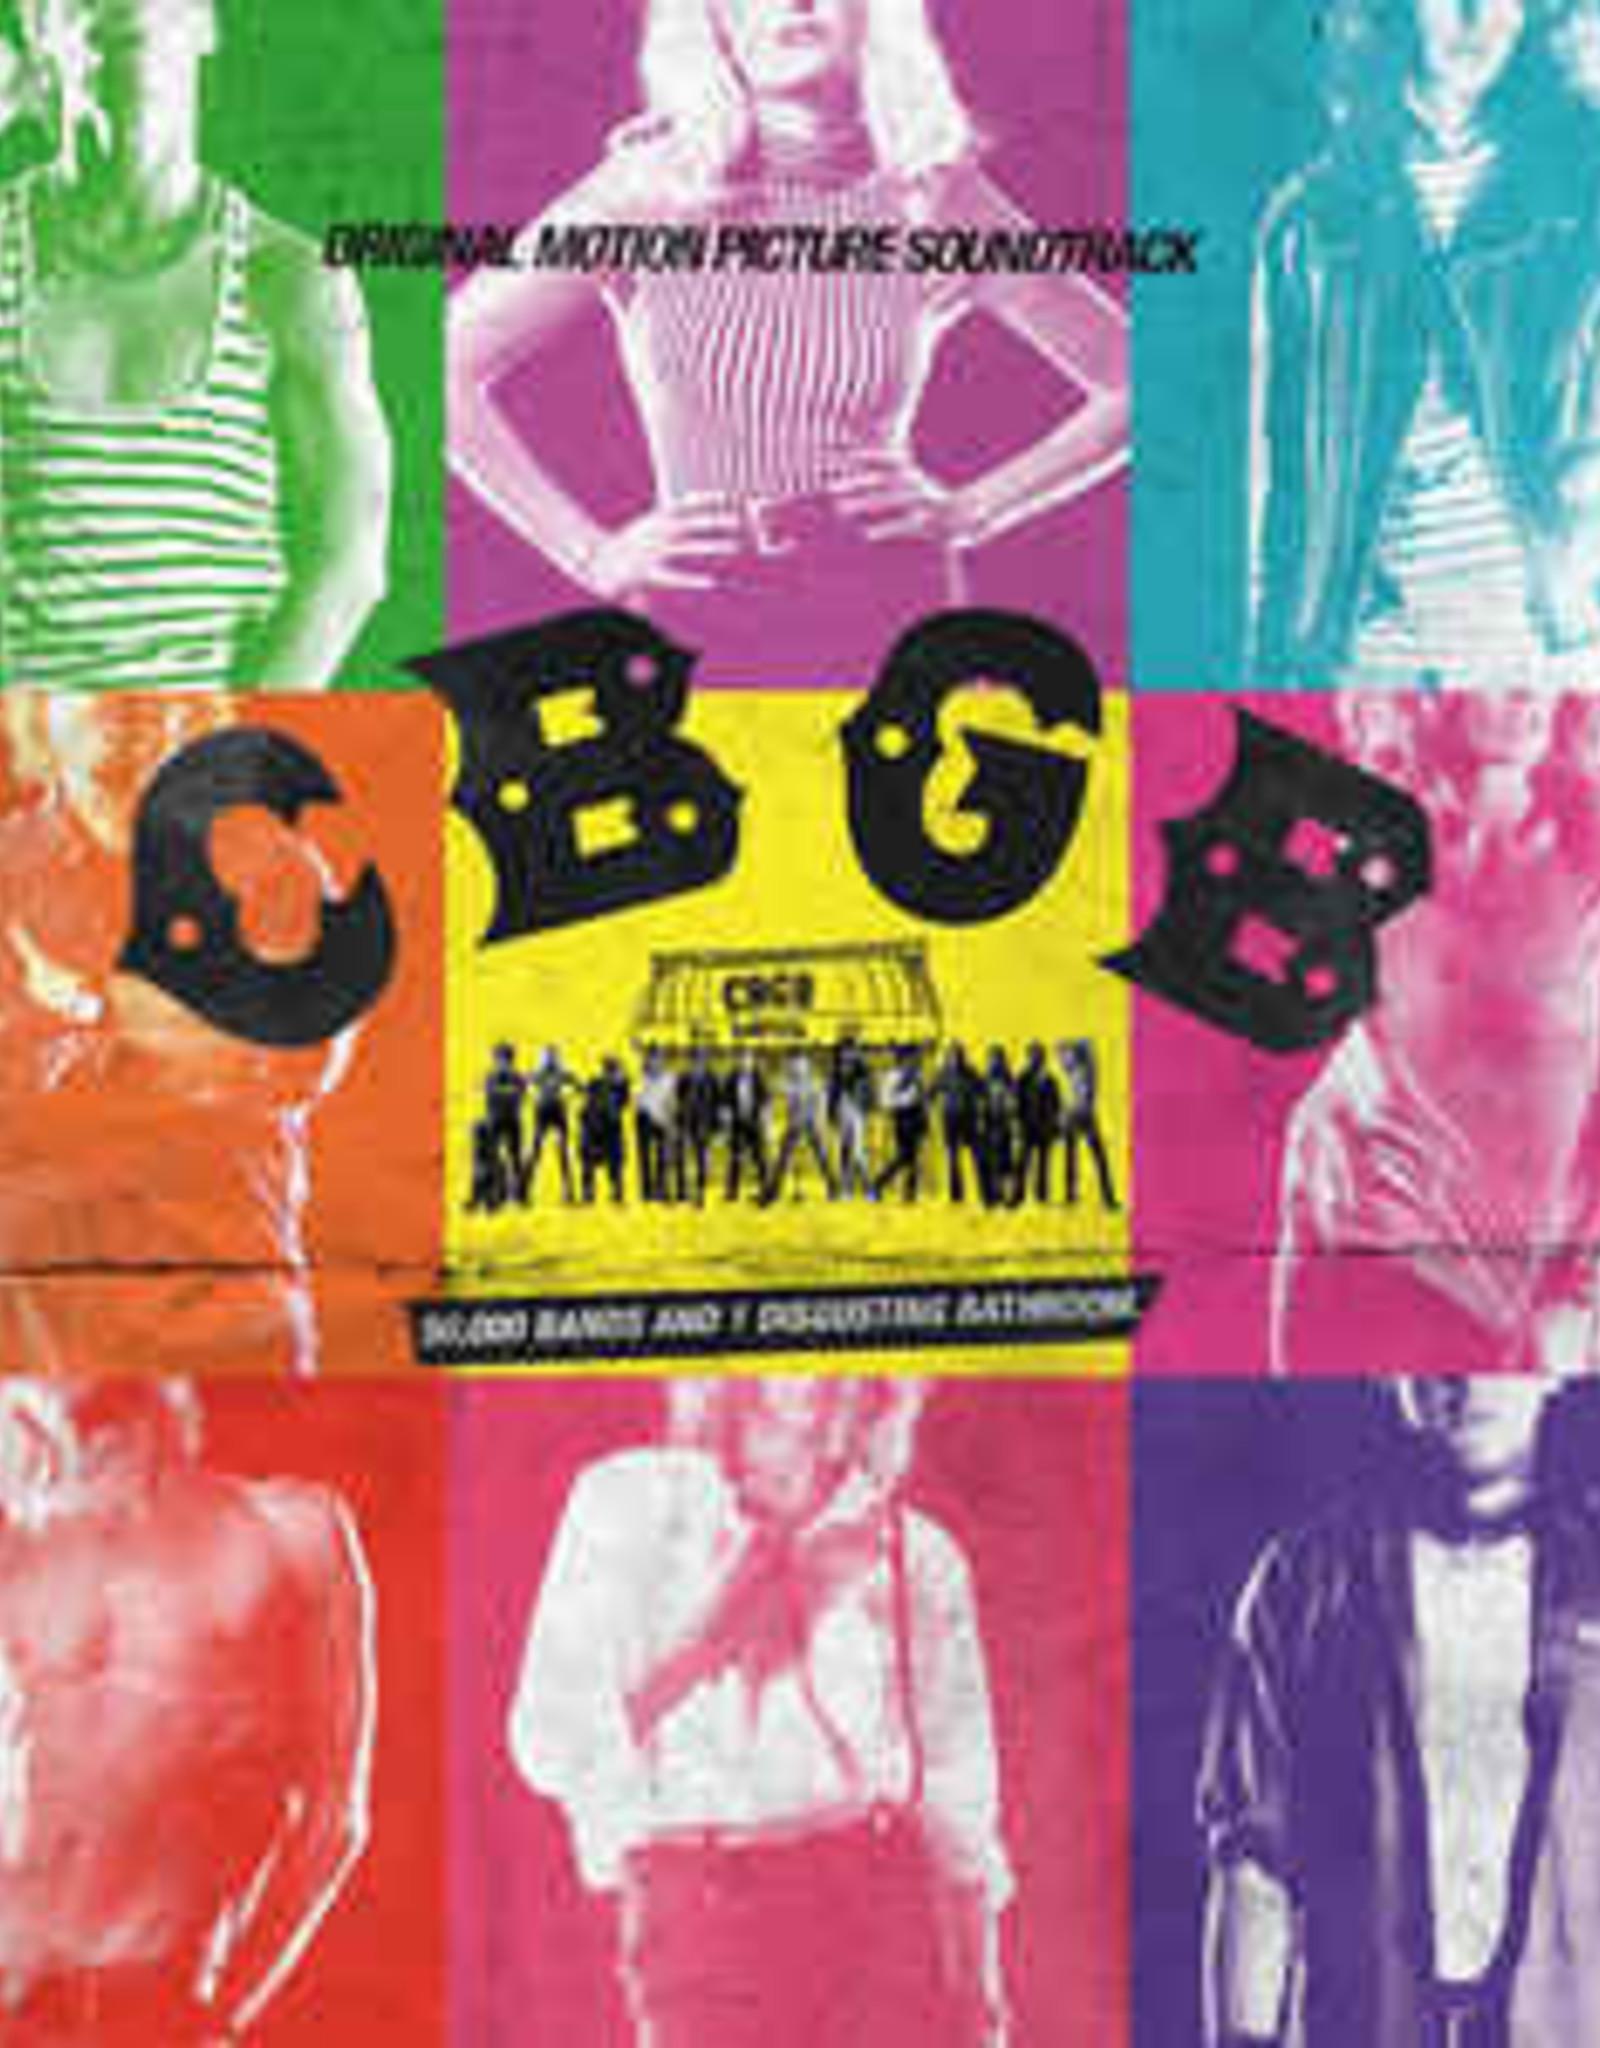 Cbgbs Original Motion Picture Soundtrack - Cbgbs (2Lp)